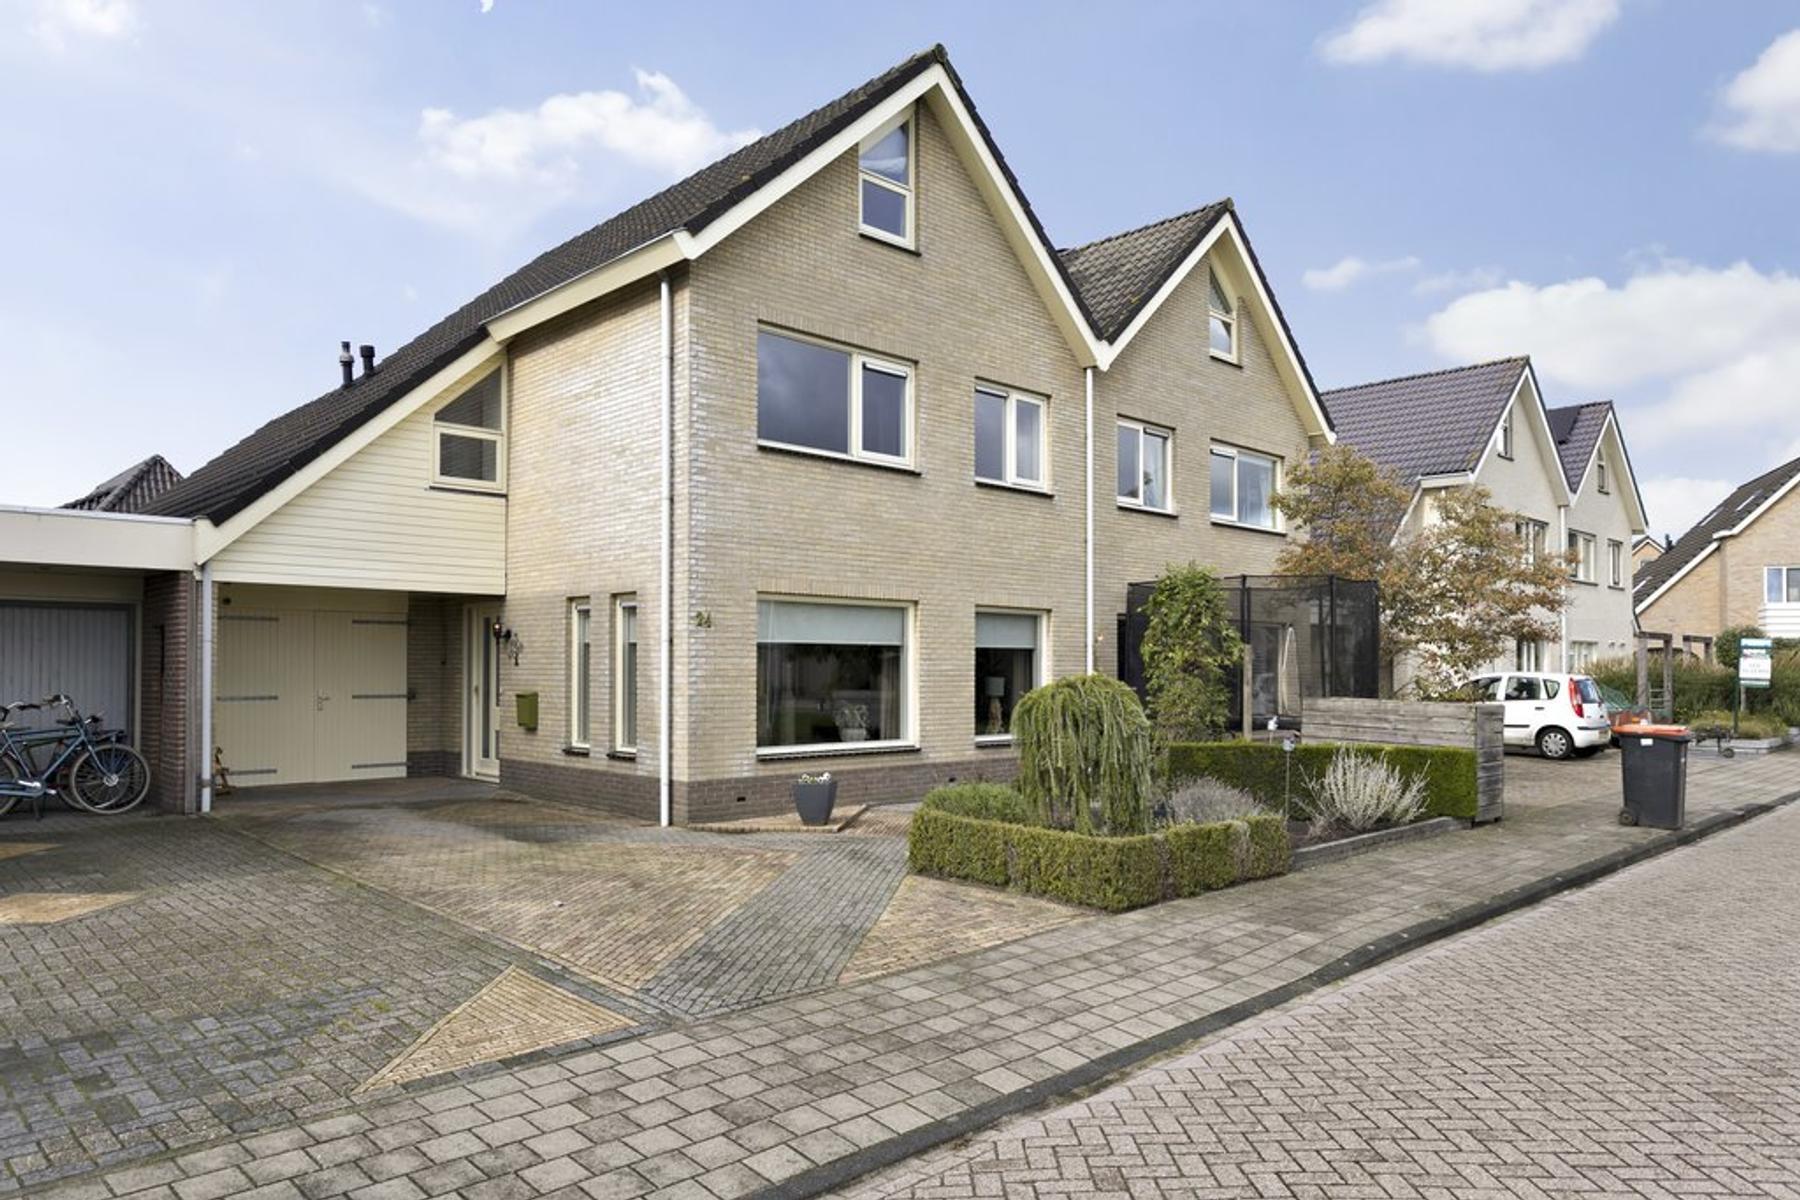 Kolkland 24 in Nieuwleusen 7711 VL